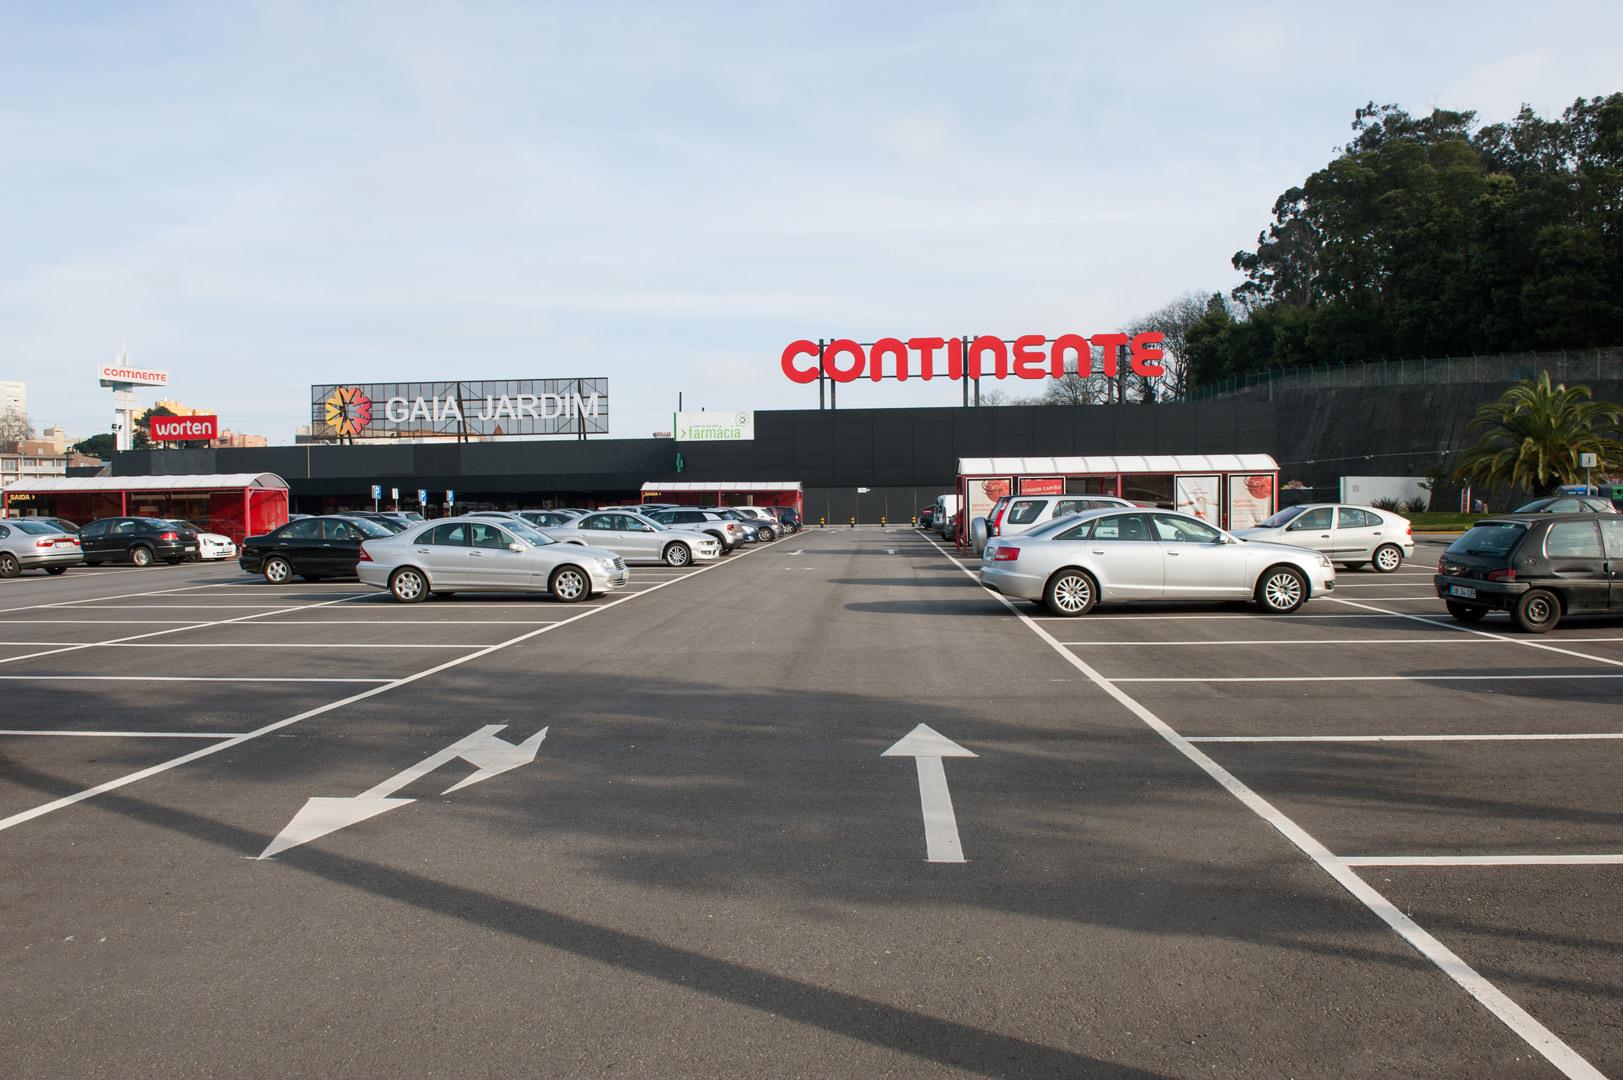 Repavimento do Parque de Estacionamento Hipermercado Gaia Jardim